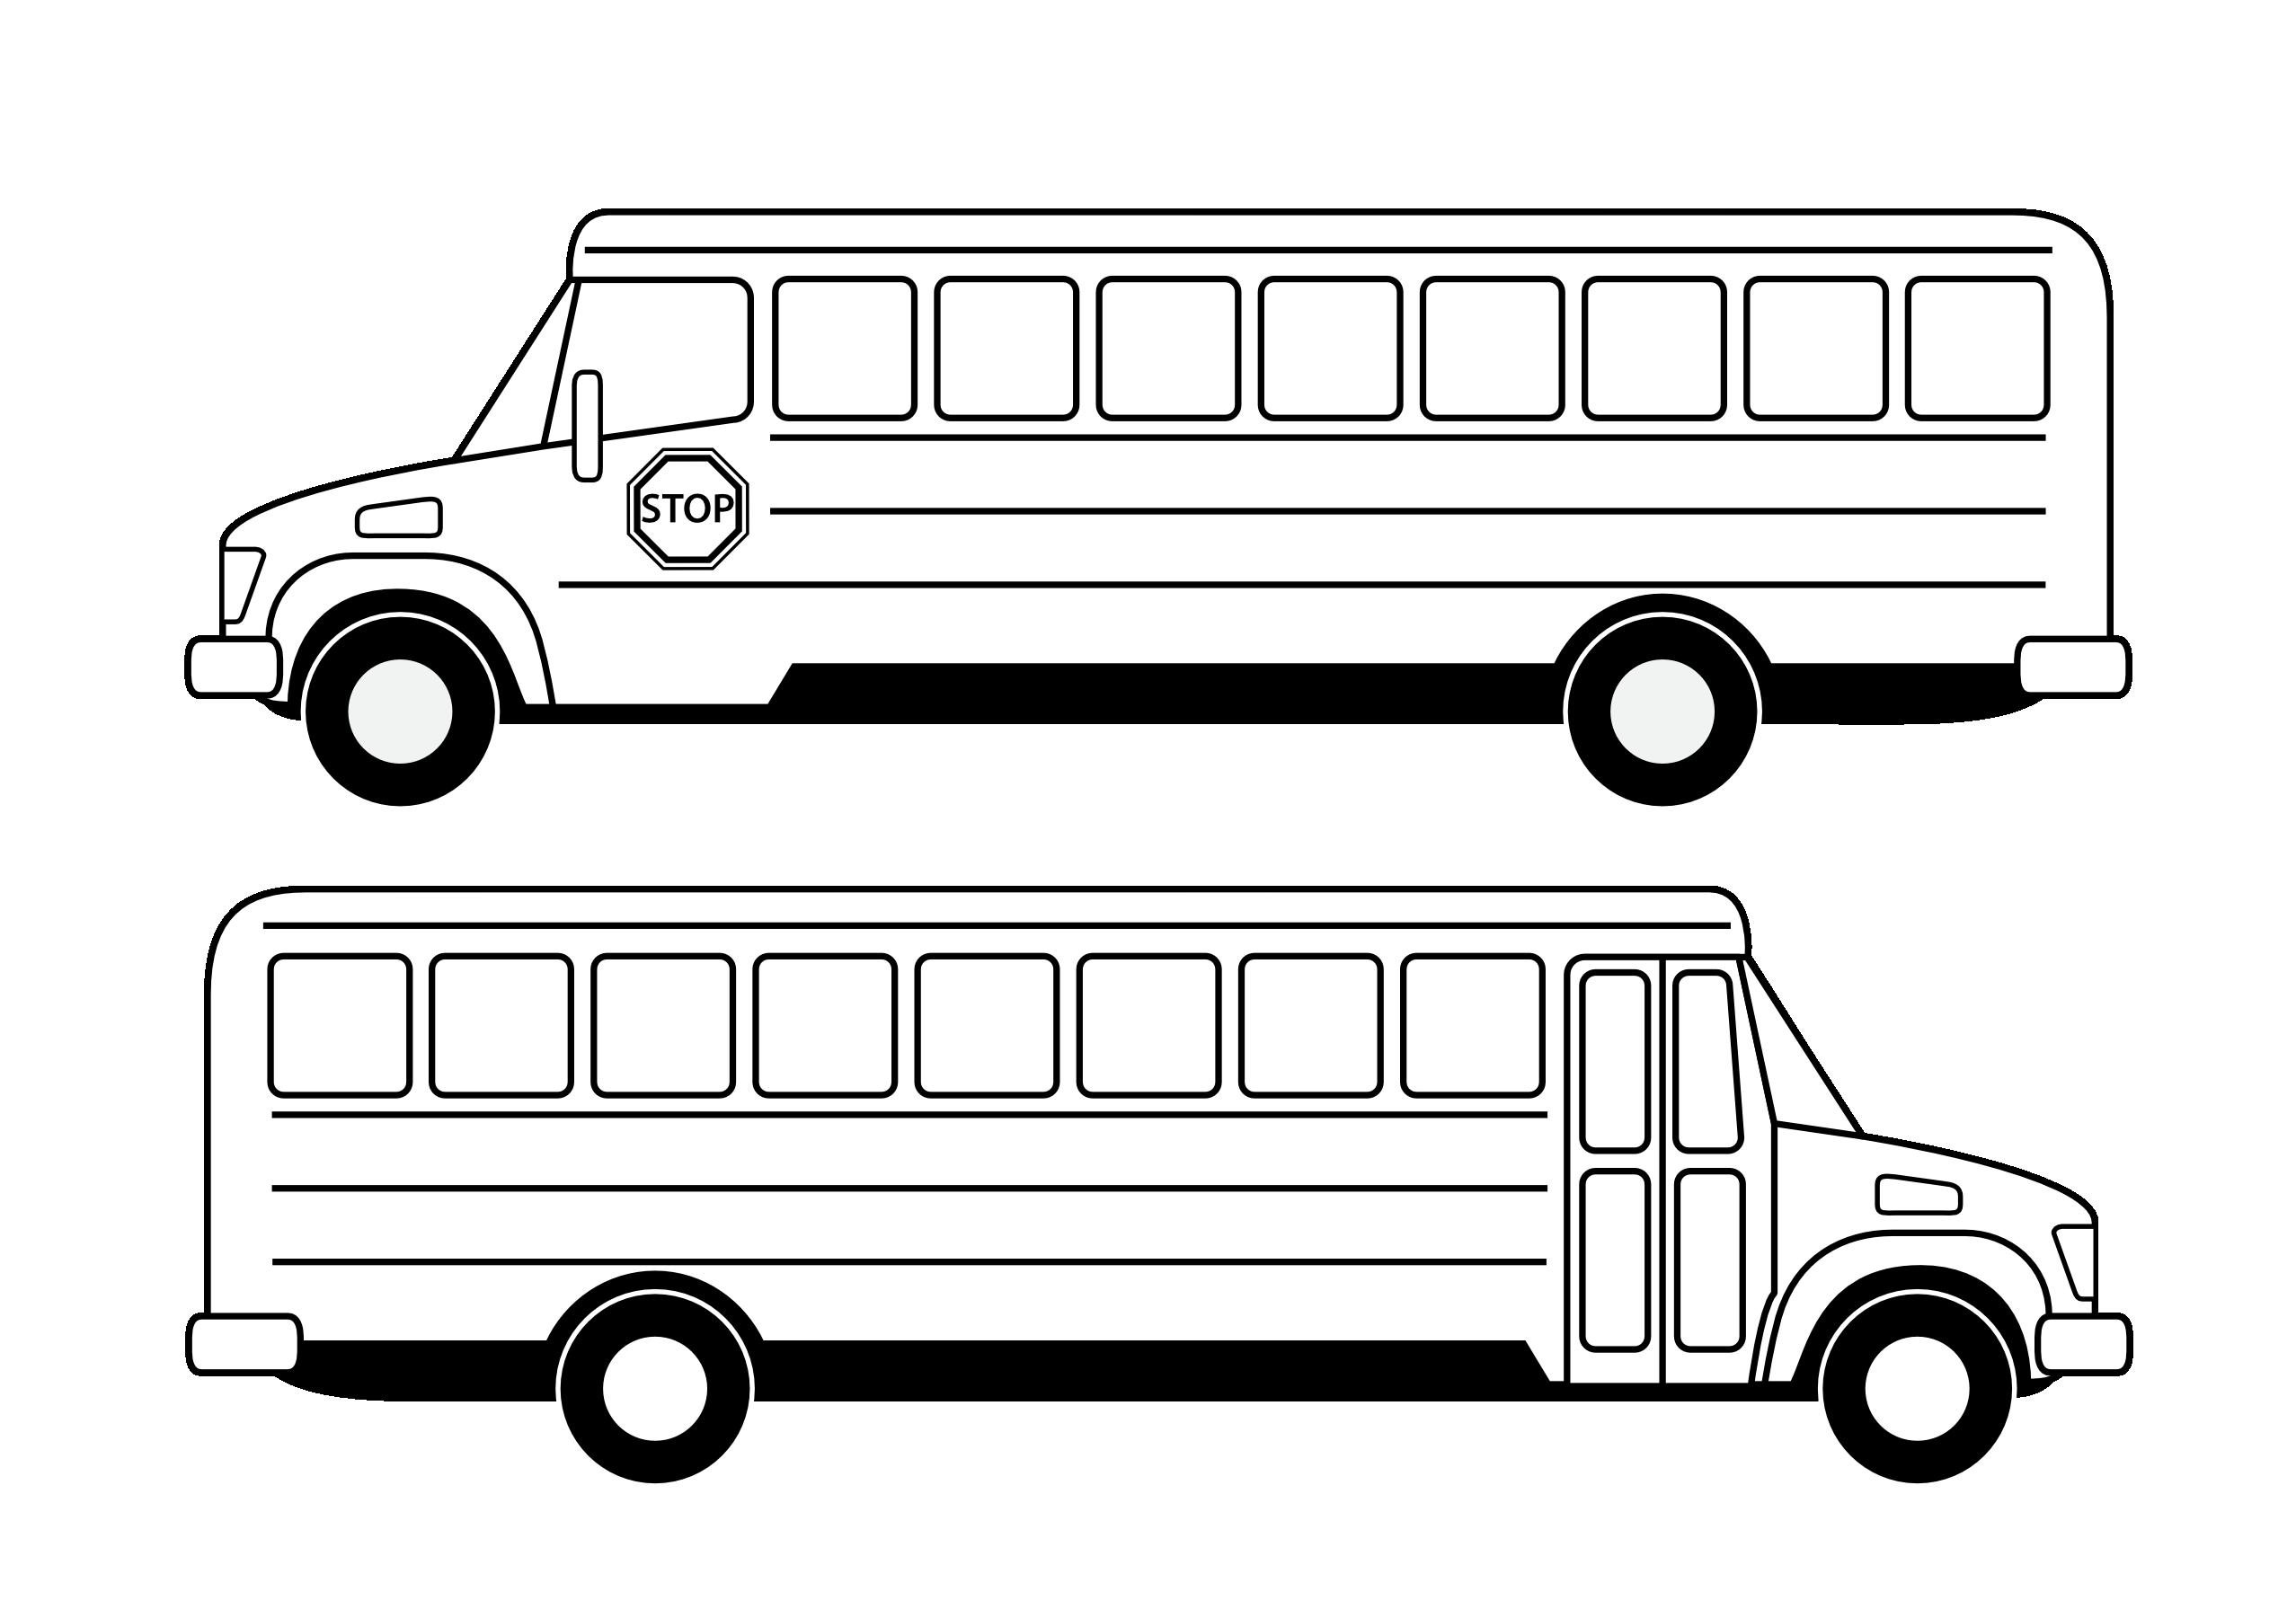 Bus School Outline Clipart - Clipart Suggest